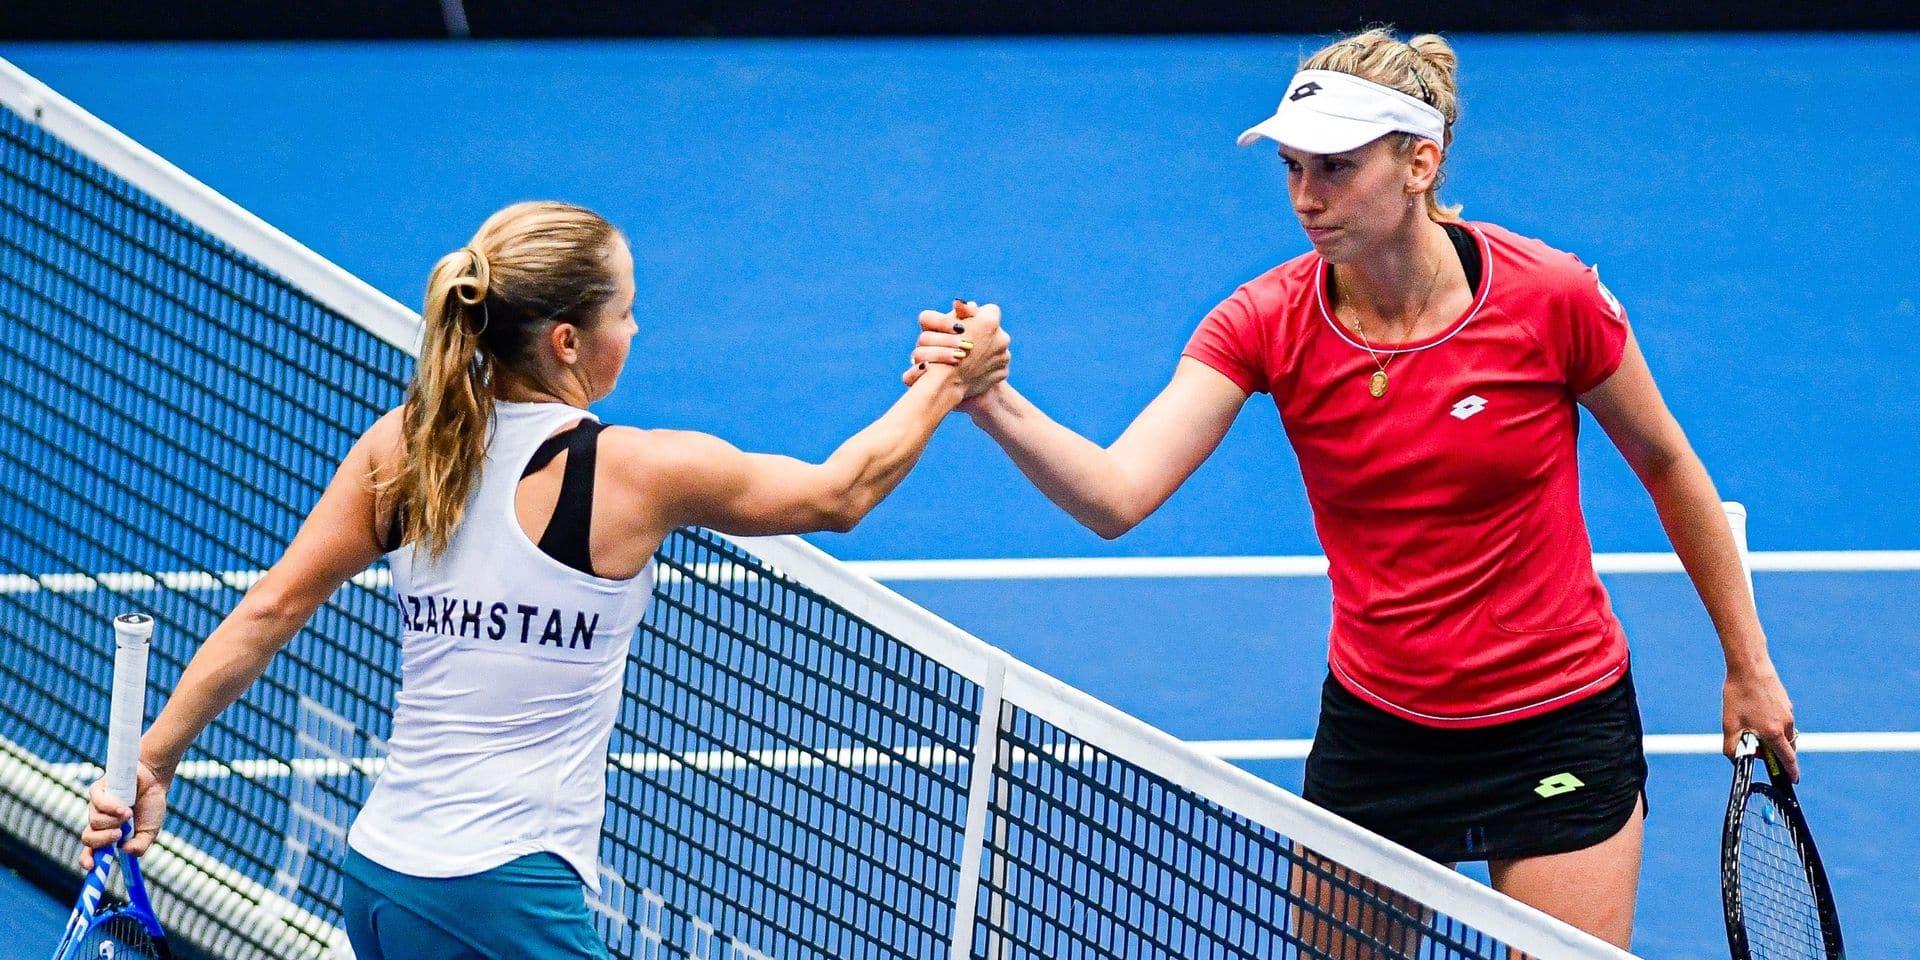 """Fed Cup: Elise Mertens: """"J'ai atteint un meilleur niveau que contre Diyas"""""""